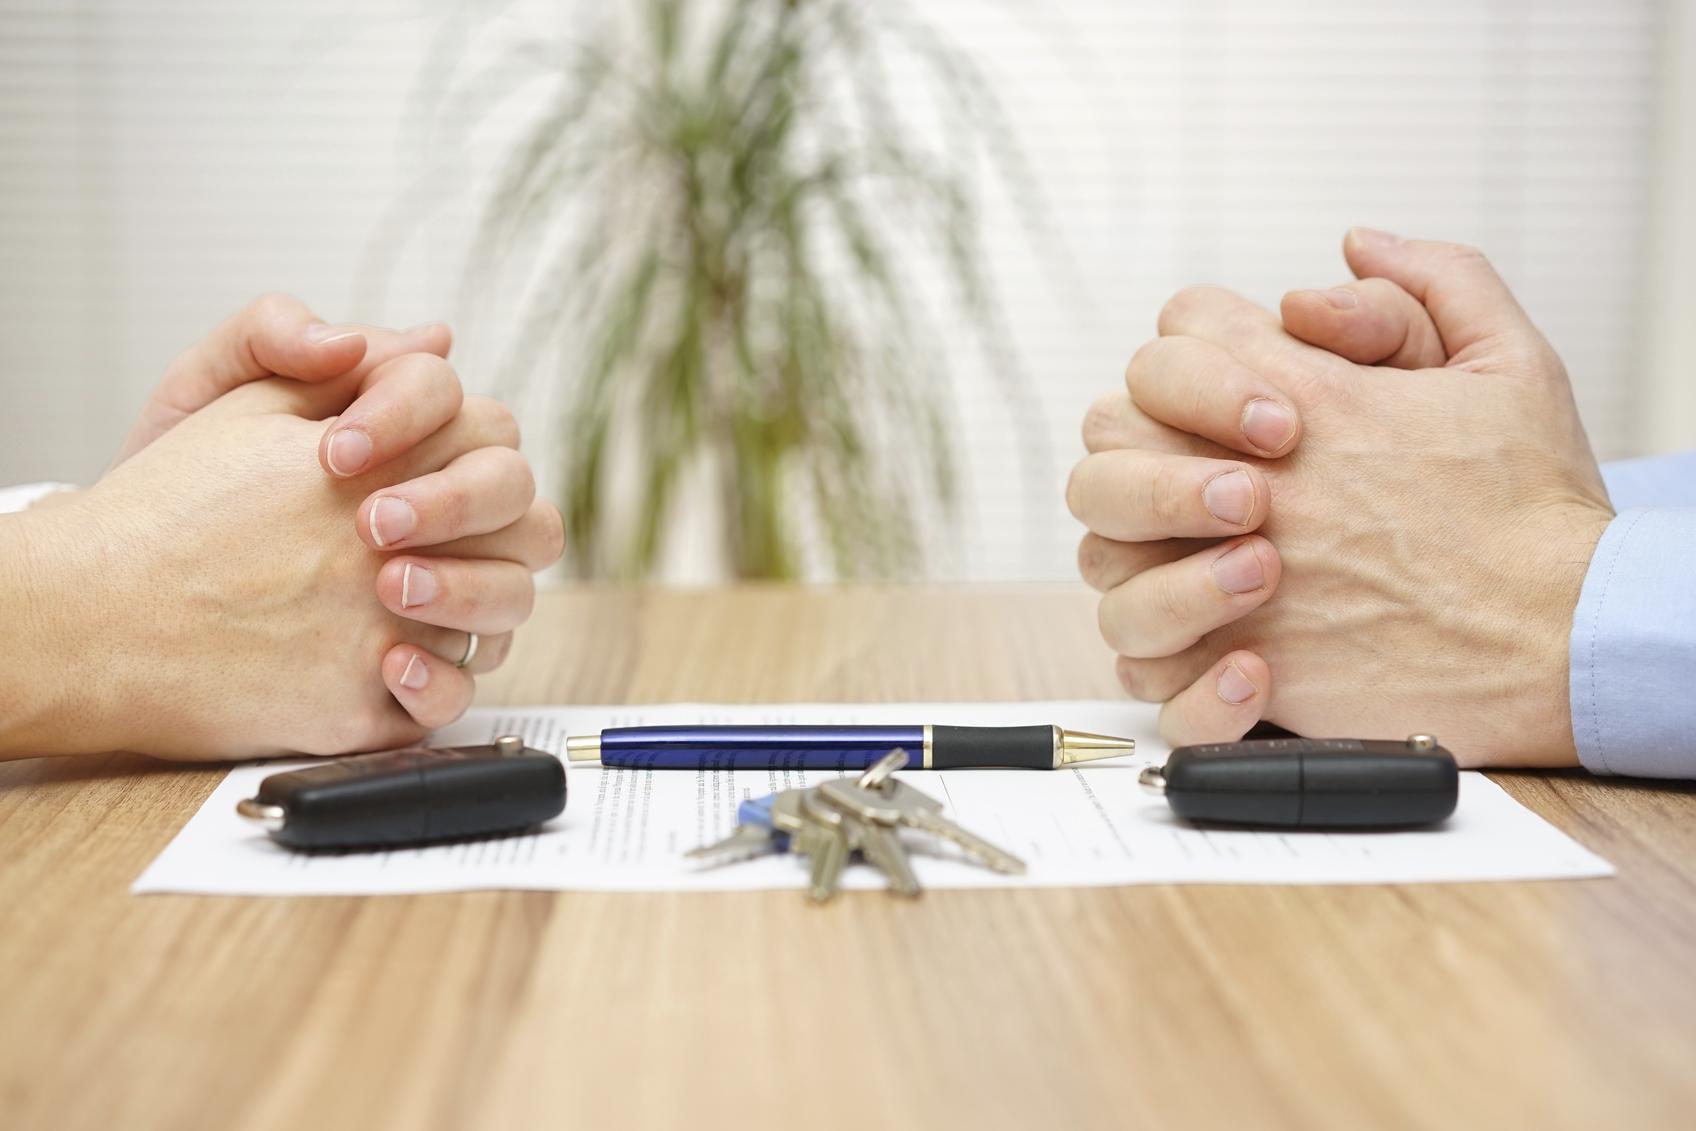 Bei Scheidung Haus Verkaufen 11880 Rechtsanwaltcom